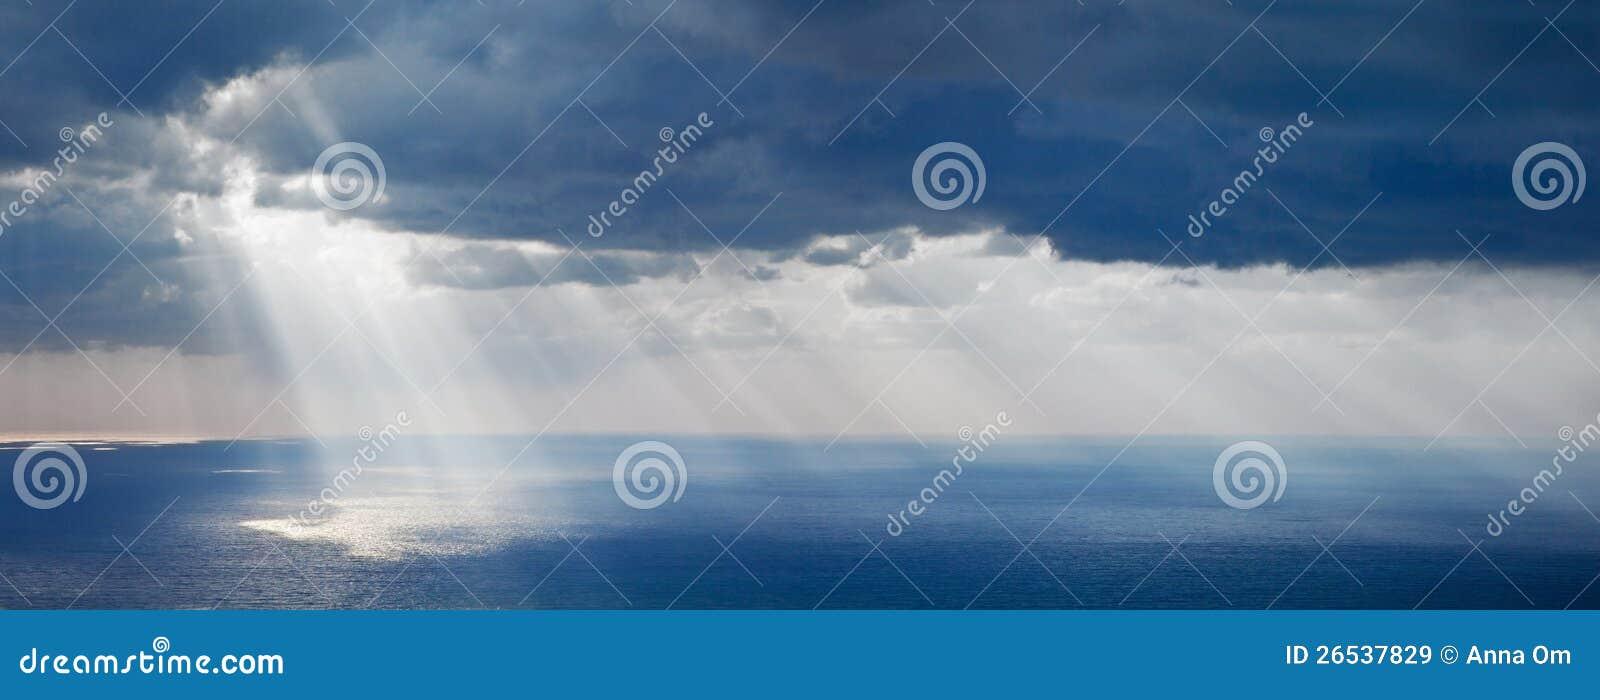 Nad oceanem jaskrawy światło słoneczne